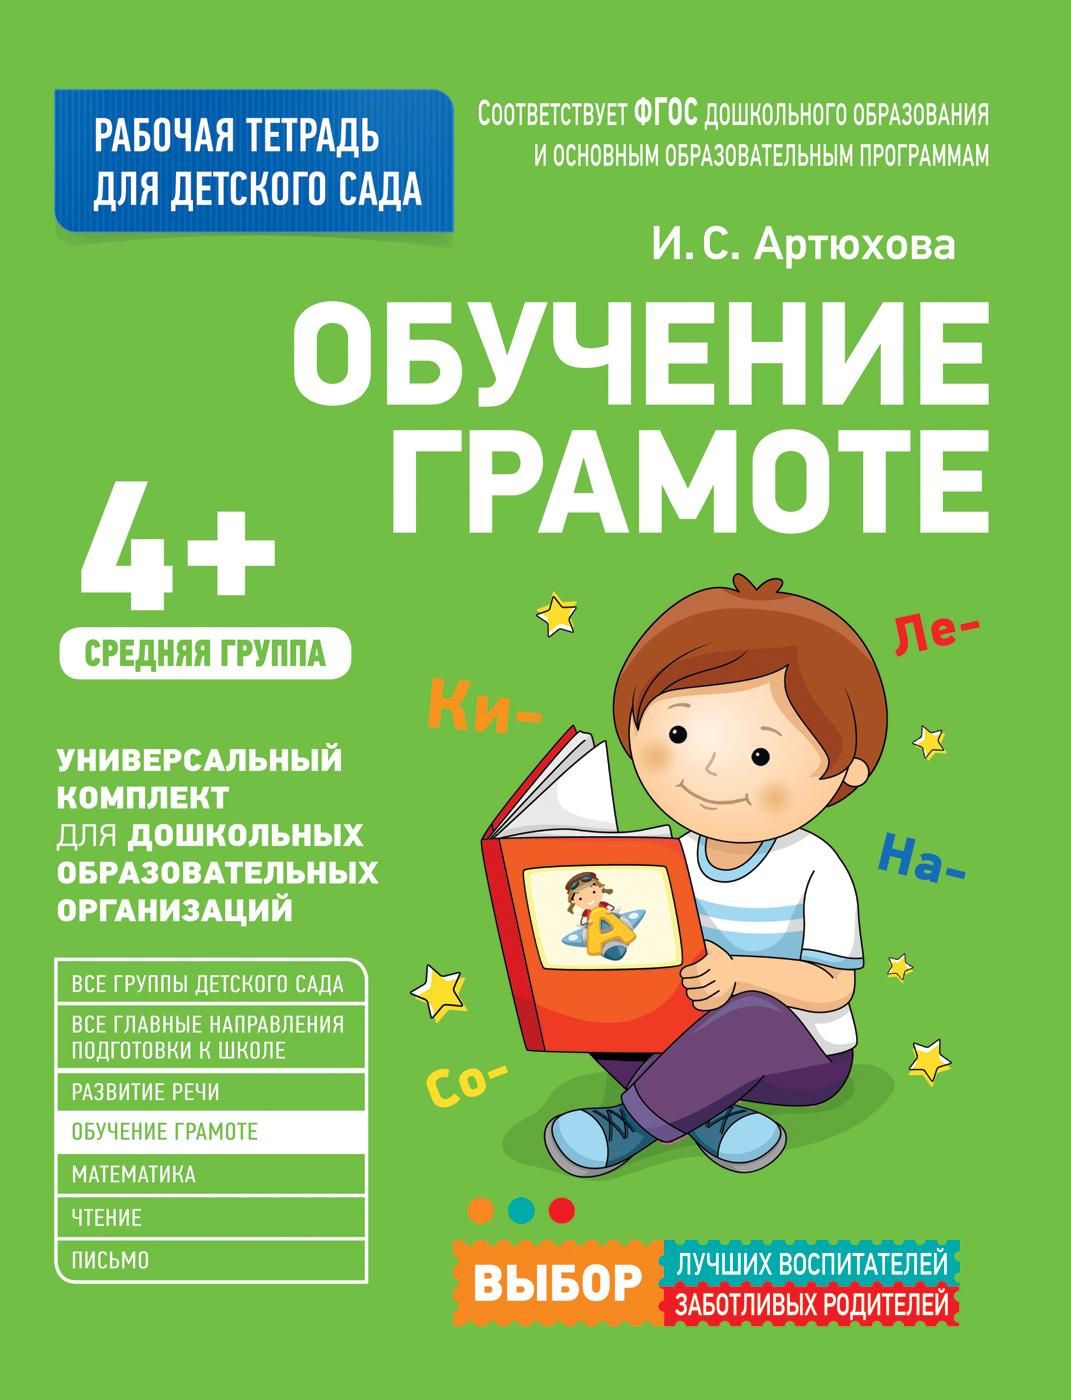 Для детского сада. Обучение грамоте. Средняя группа. Рабочая тетрадь